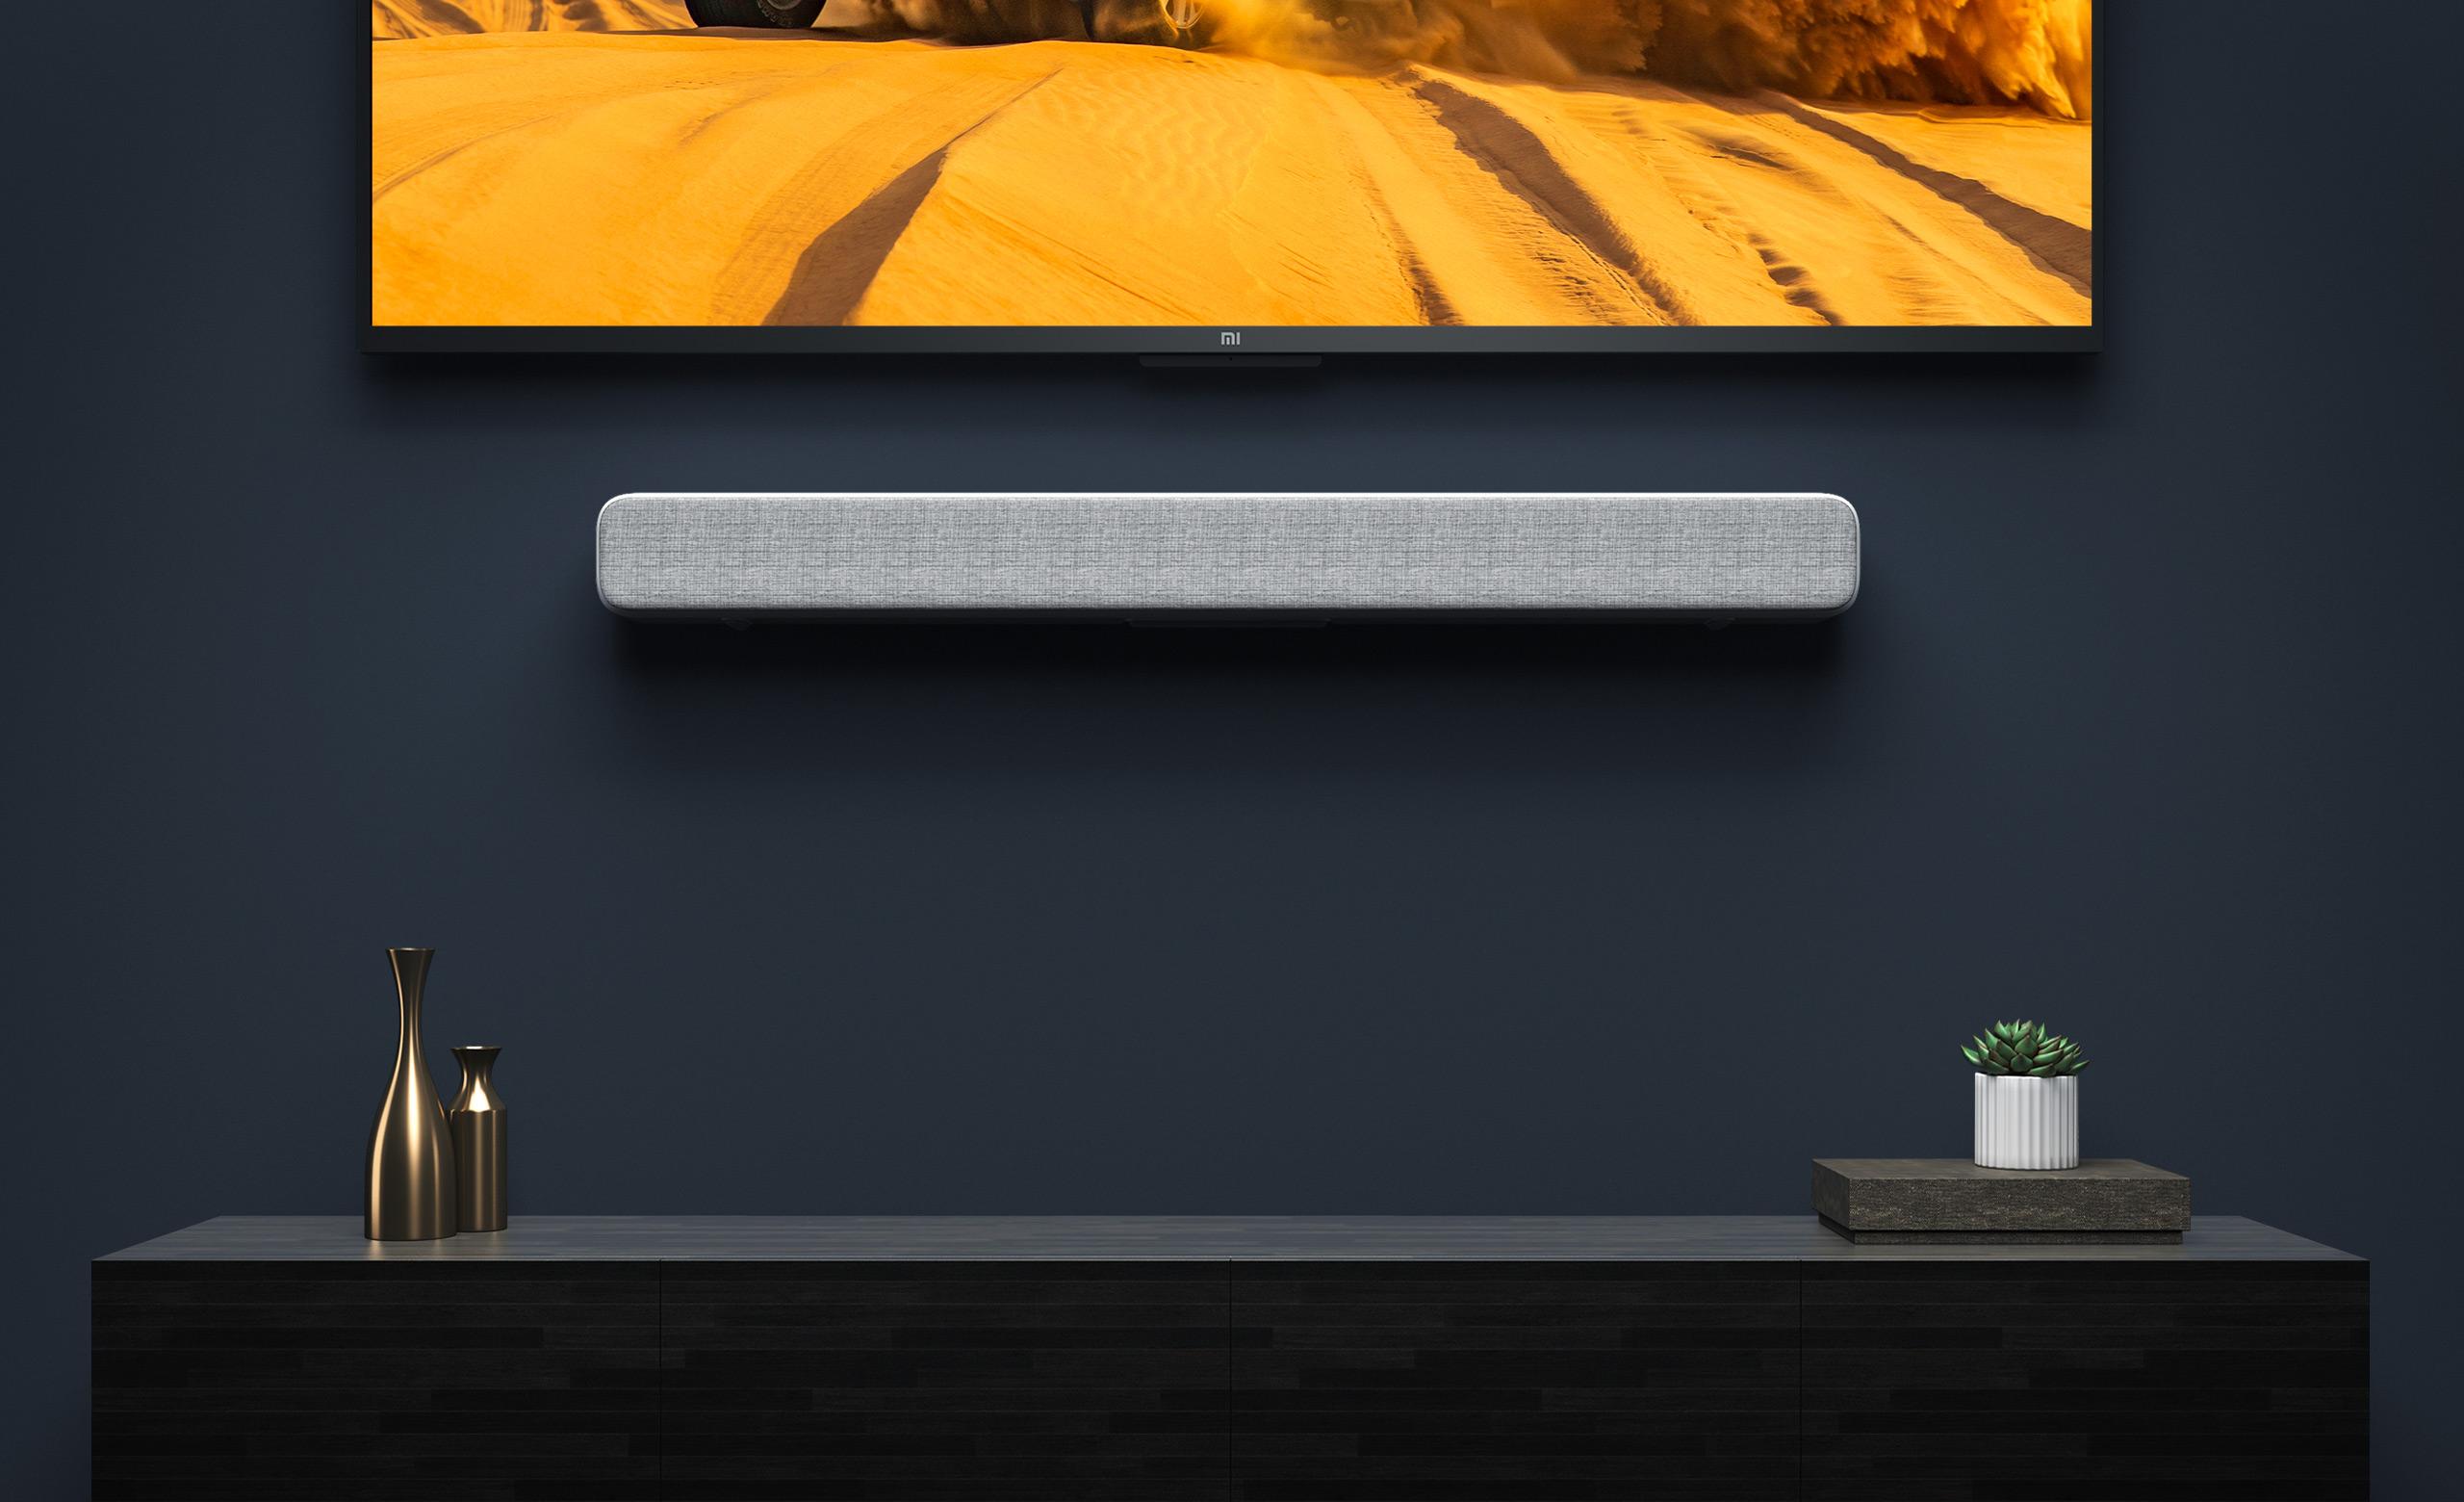 Loa soundbar Xiaomi Millet